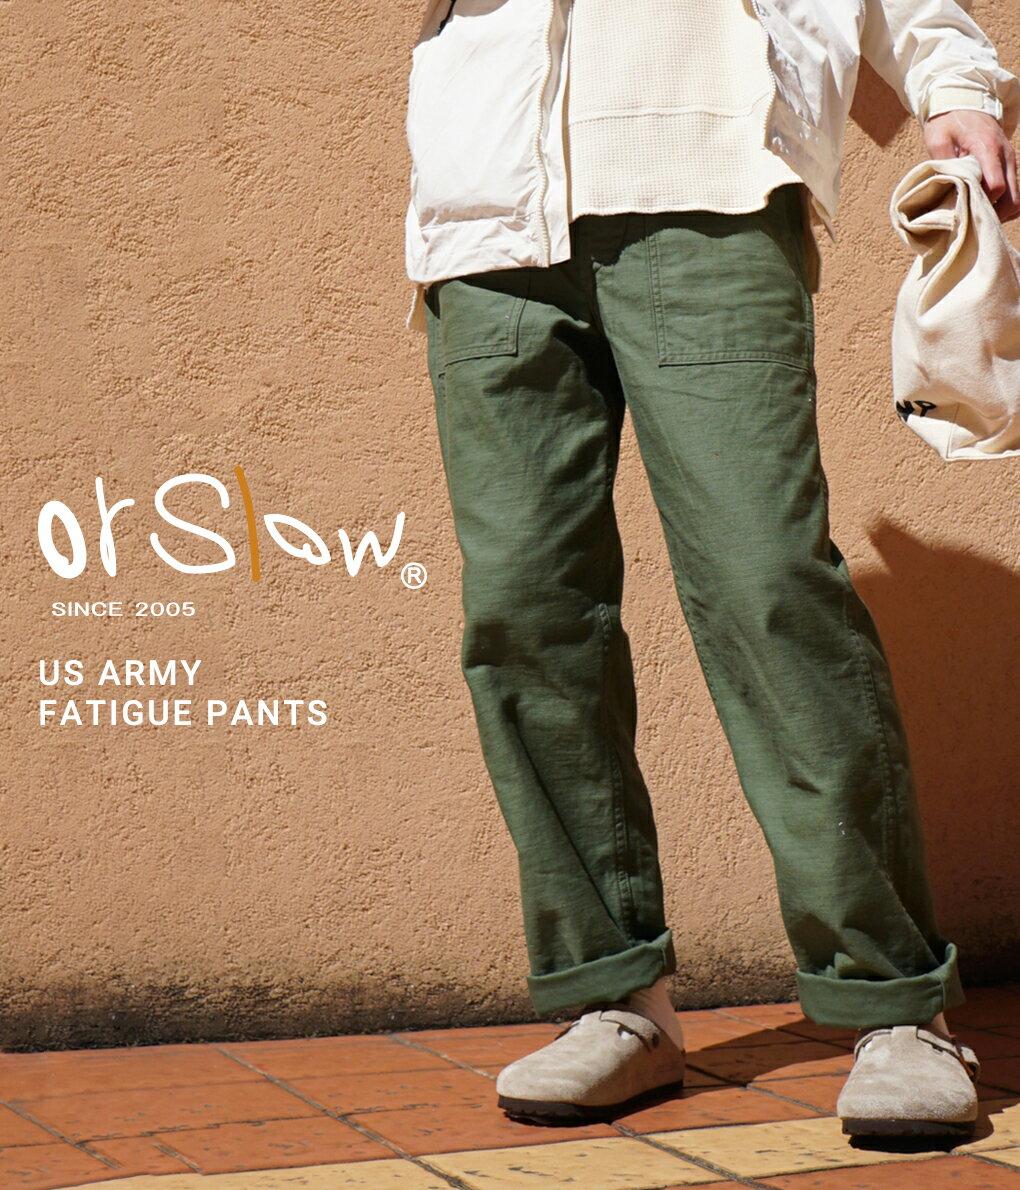 メンズファッション, ズボン・パンツ orSlow : US ARMY FATIGUE -GREEN- : : 01-5002-16STDREA